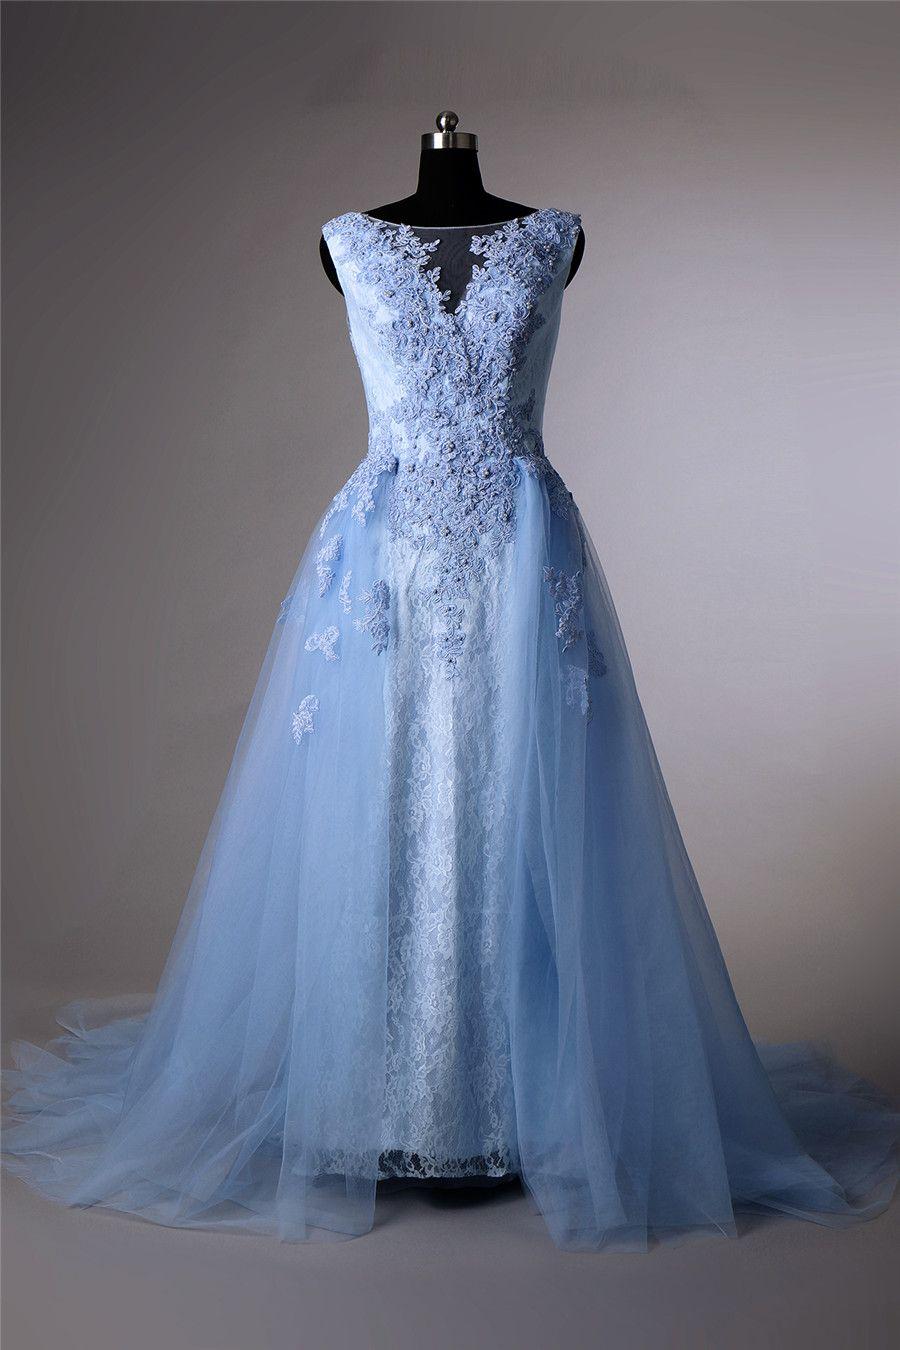 Großhandel Beauty A Line Blau Abendkleider Scoop Illusion Prom Kleid  Ärmellose Spitze Vestidos De Festa Applique Perlen Formale Abend Party  Kleider